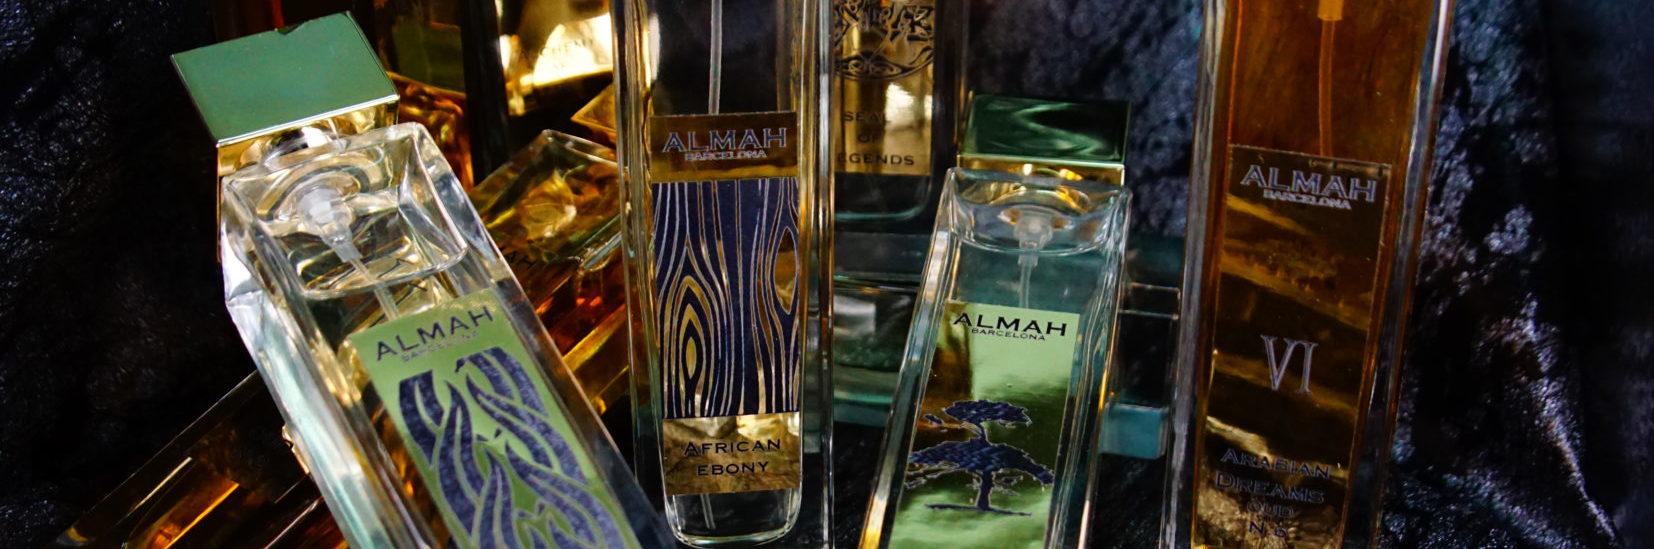 Almah collection